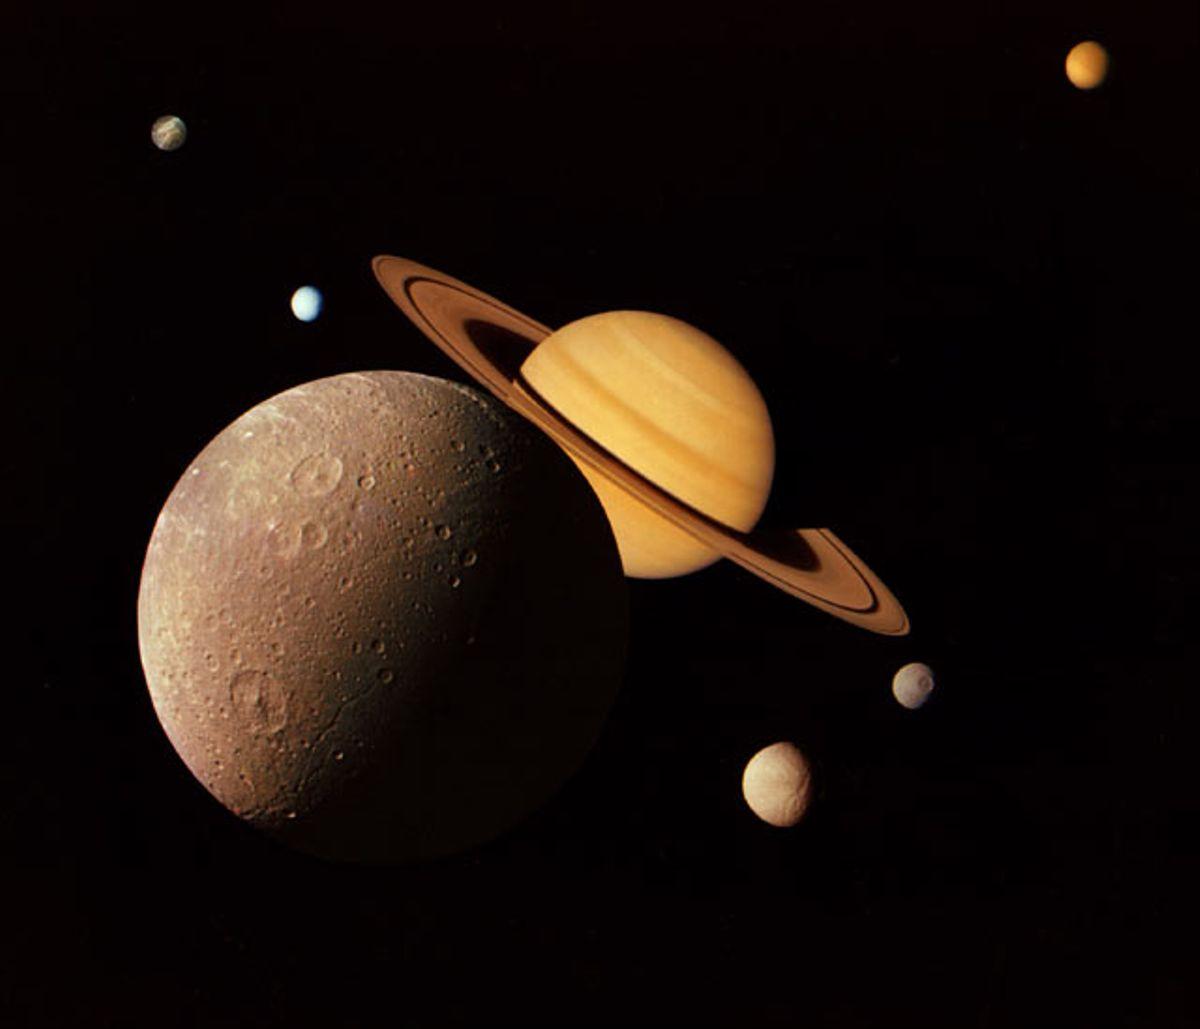 conjuncion de planetas